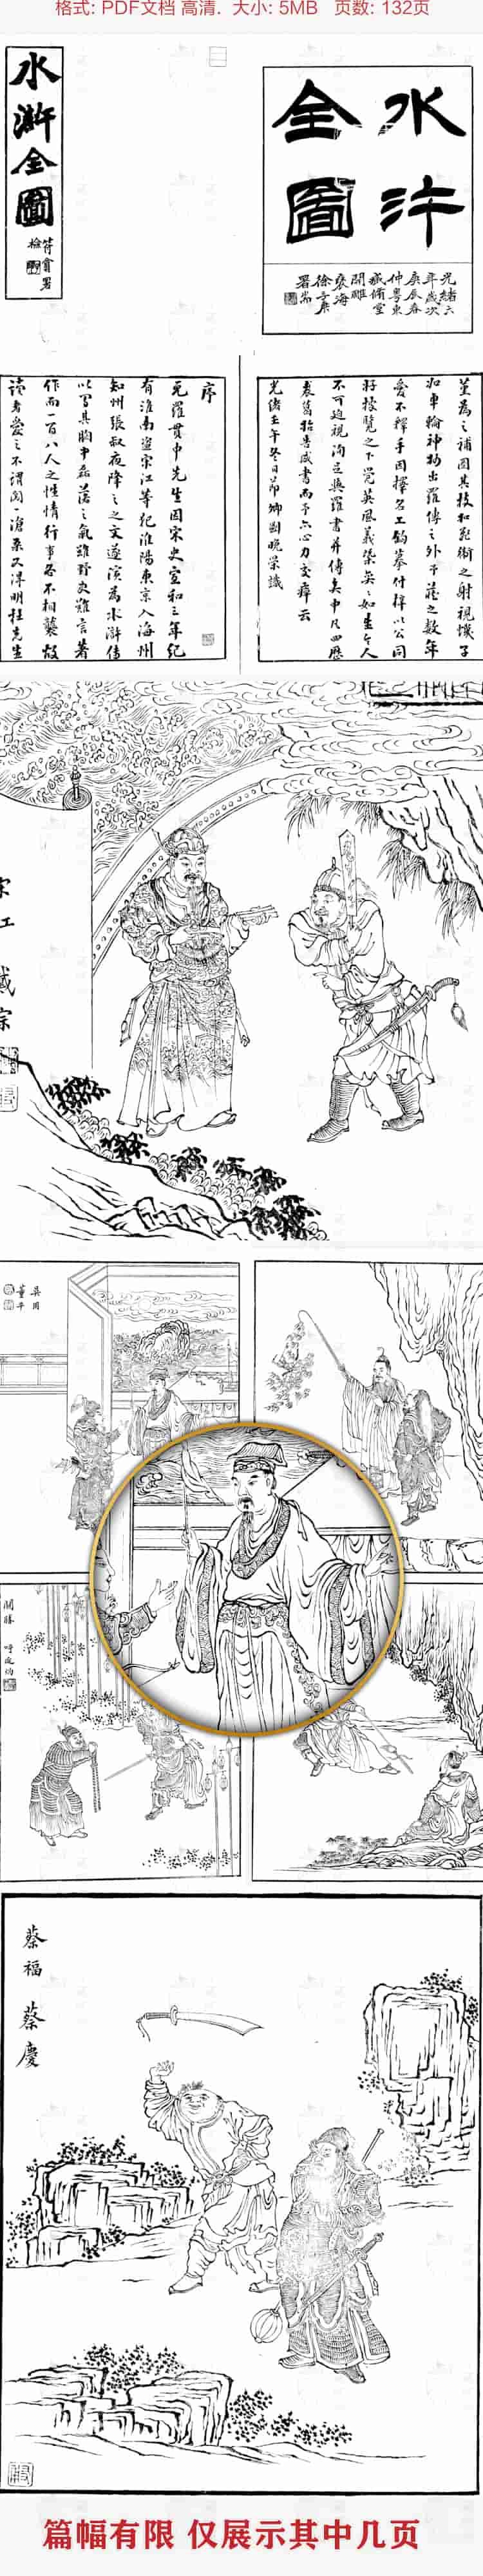 水浒人物全图古籍图谱画谱插画高清图片设计素材PDF电子版5518插图2